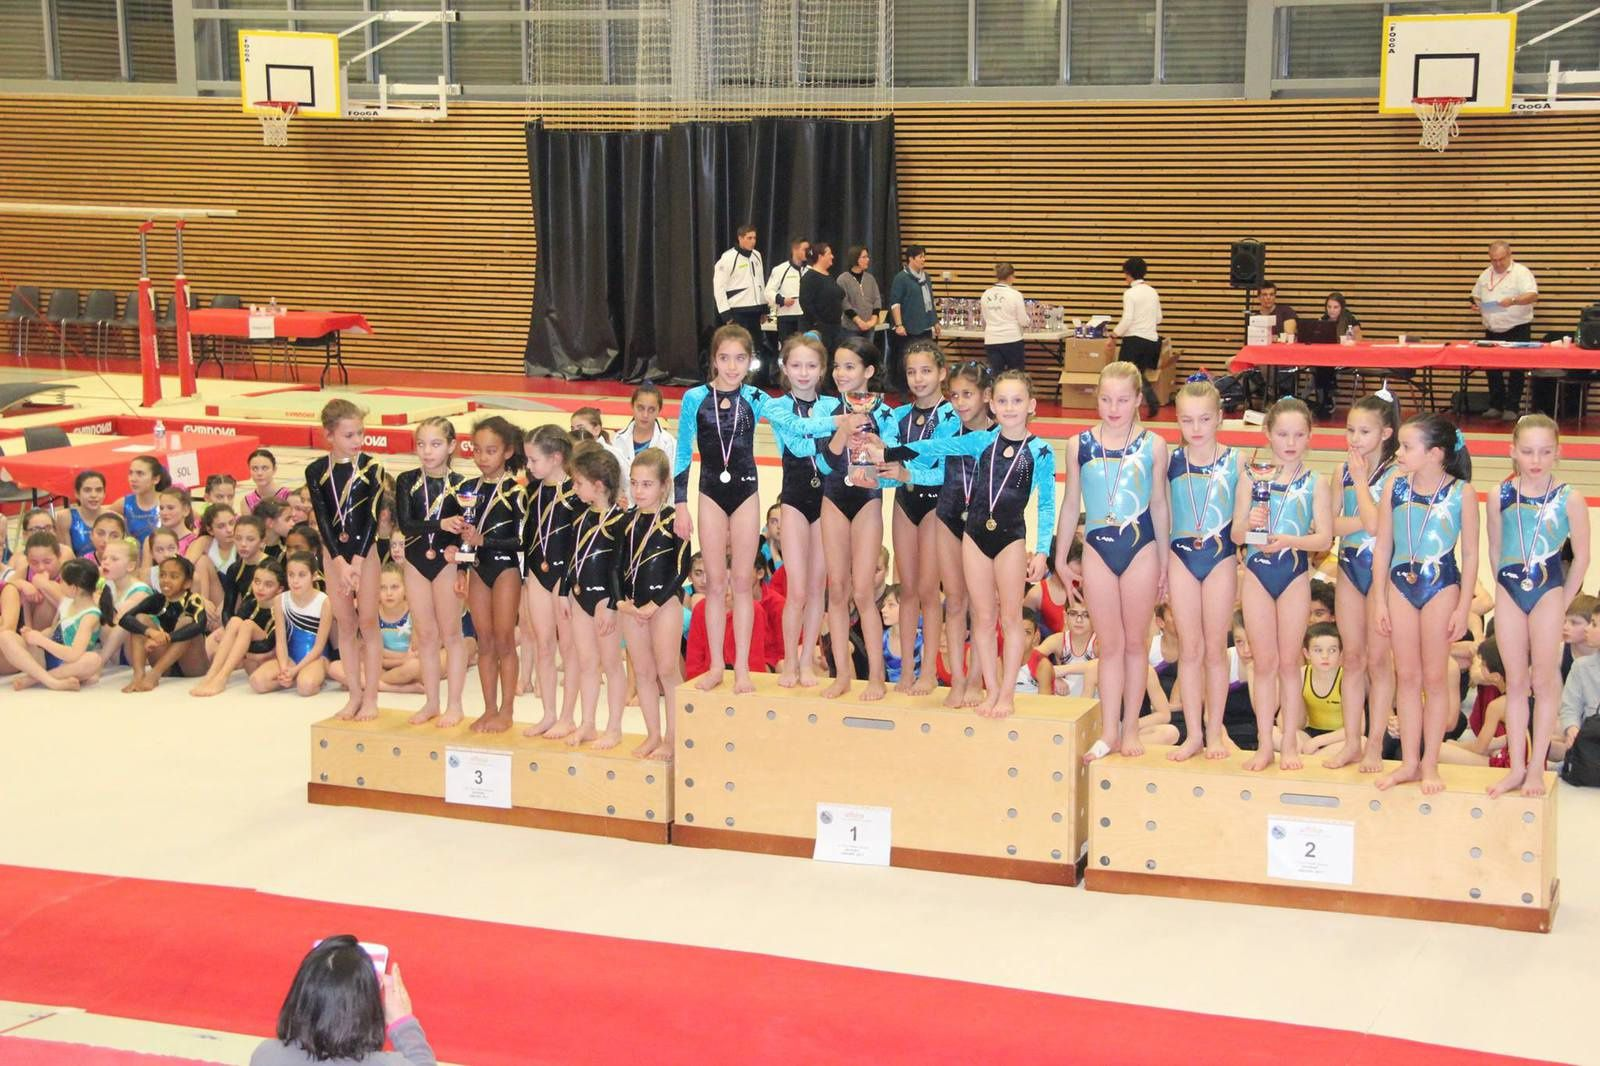 Les jeunes gymnastes vénissians ont performé ce week-end